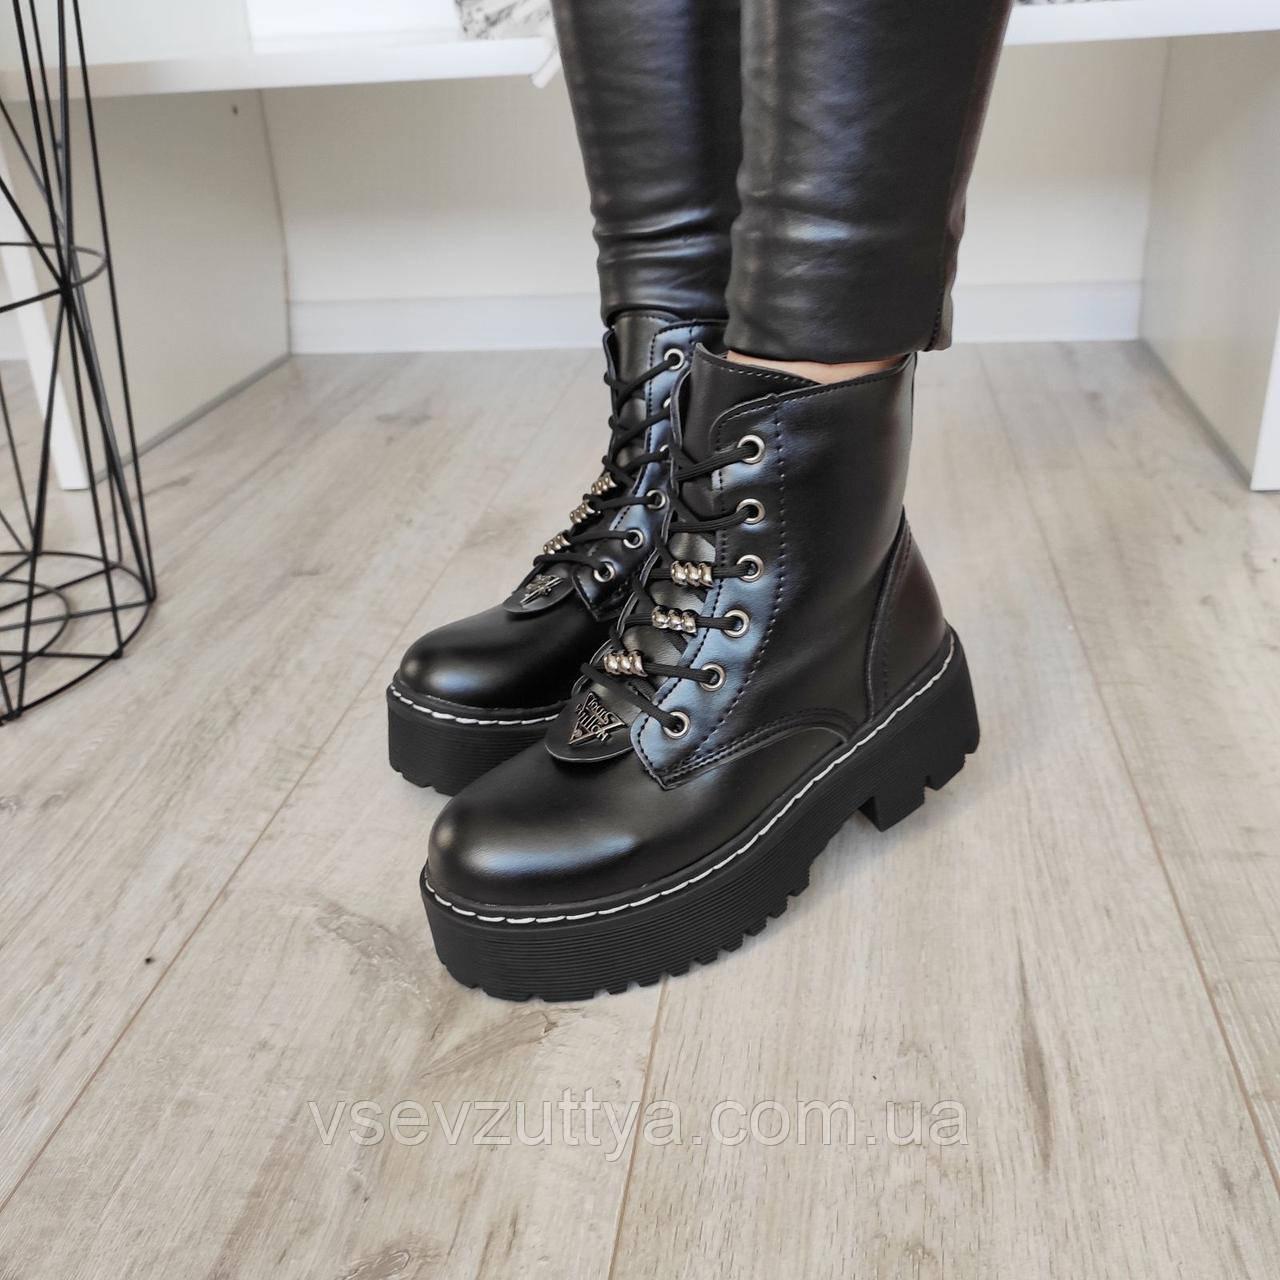 Ботинки женские черные зимние экокожа 37р